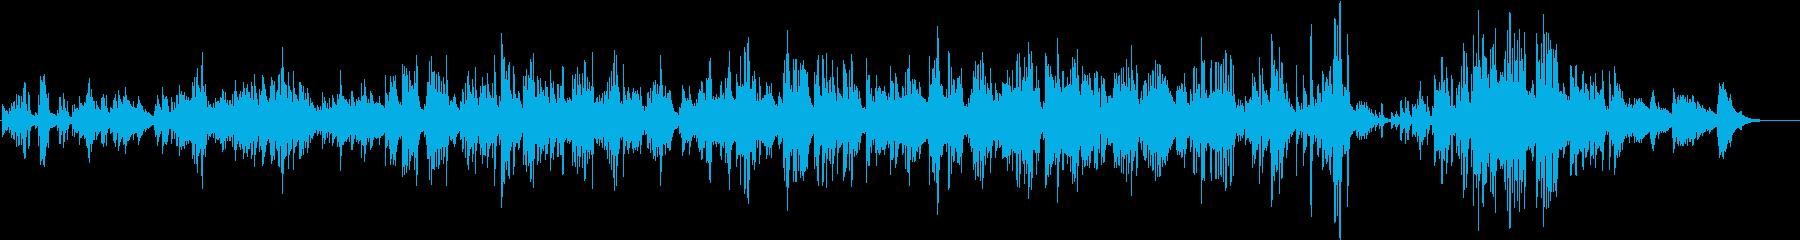 ピアノで語りかけるように奏でる、優しい…の再生済みの波形